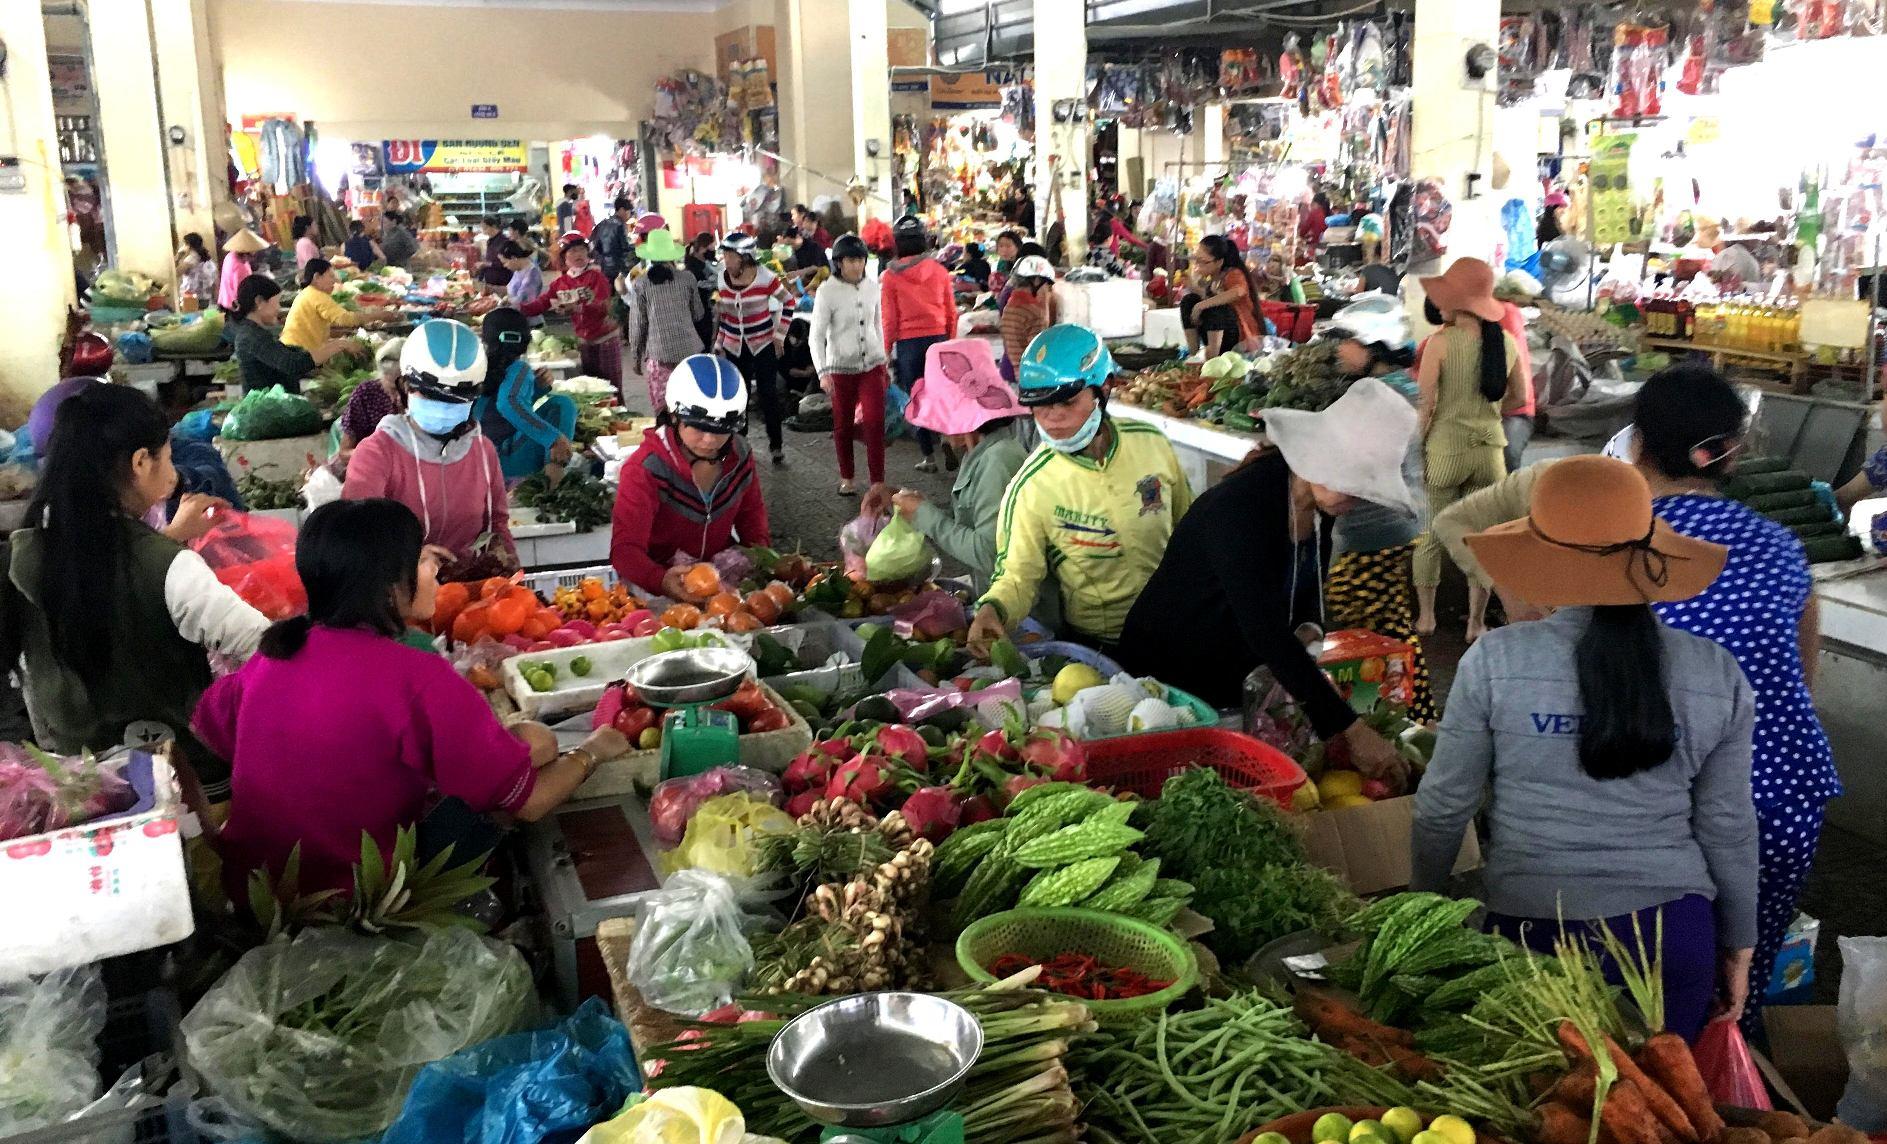 Tuy mặt hàng rau, củ đắt đỏ nhưng vẫn tấp nập người mua. Ảnh: PHAN VINH